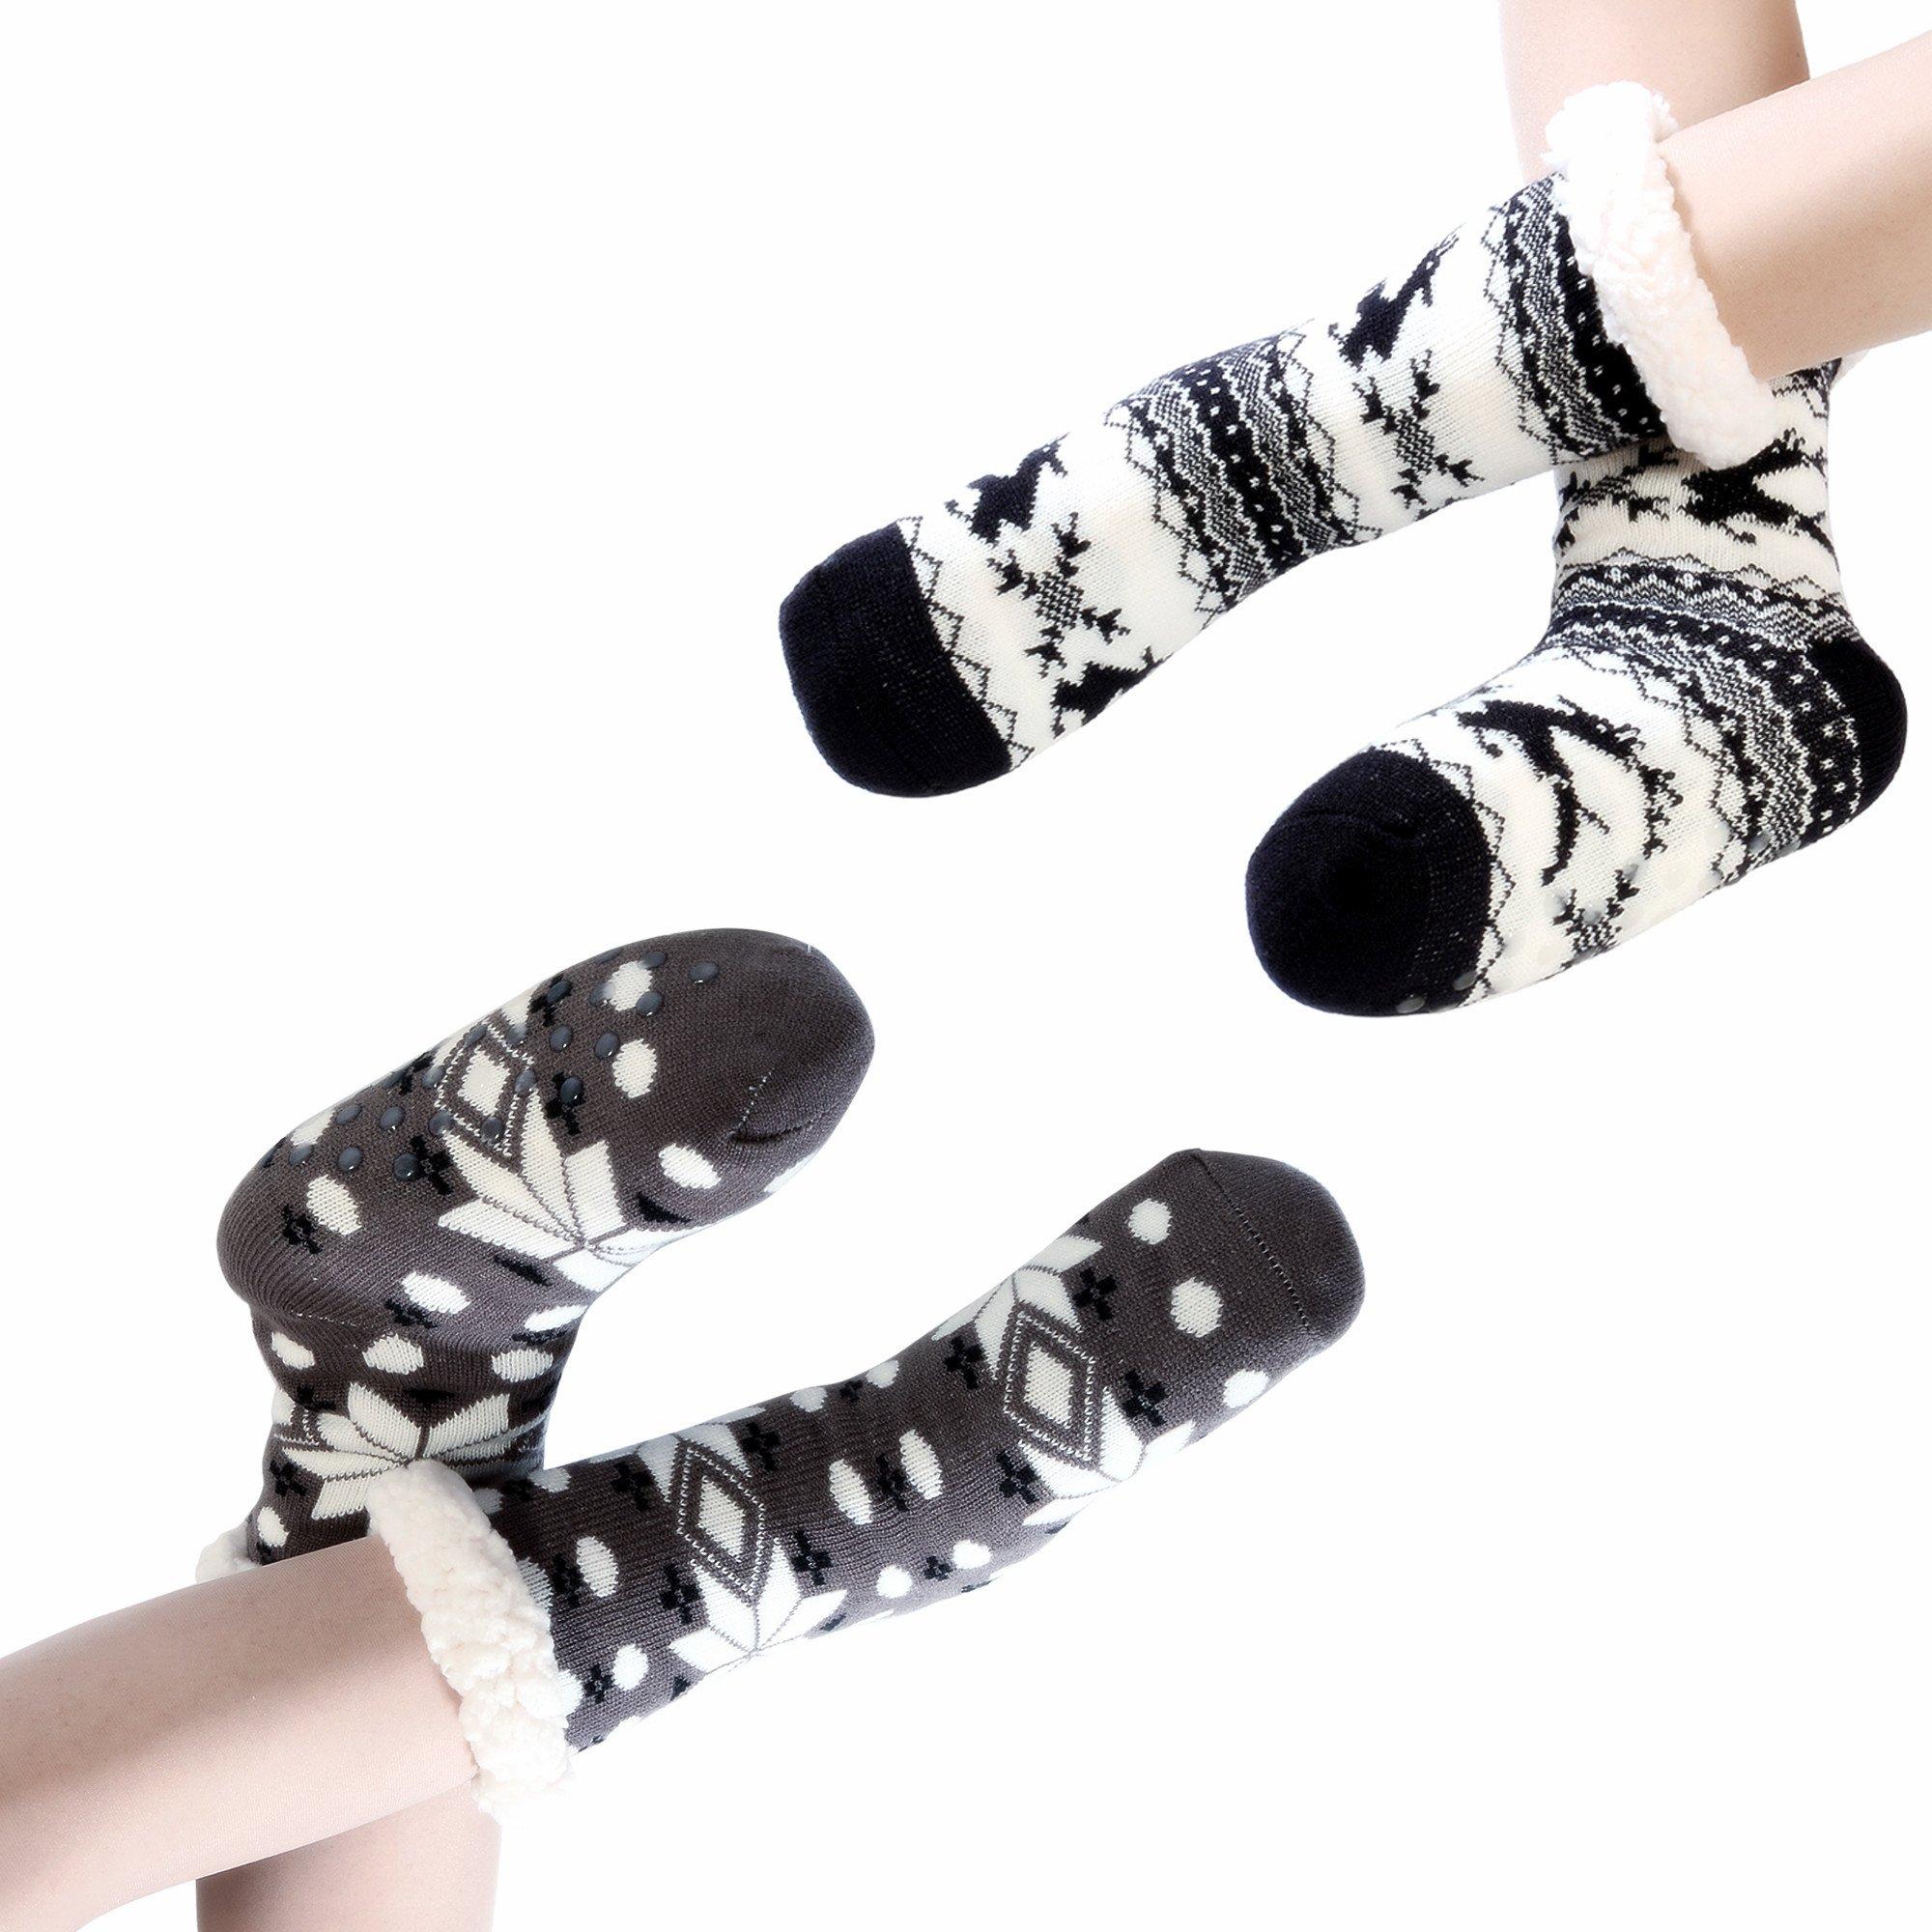 2 Pairs Slipper Socks for Women Fleece Lining House Socks Fuzzy Soft Knee Highs Non Skid Winter Warm Slipper Socks